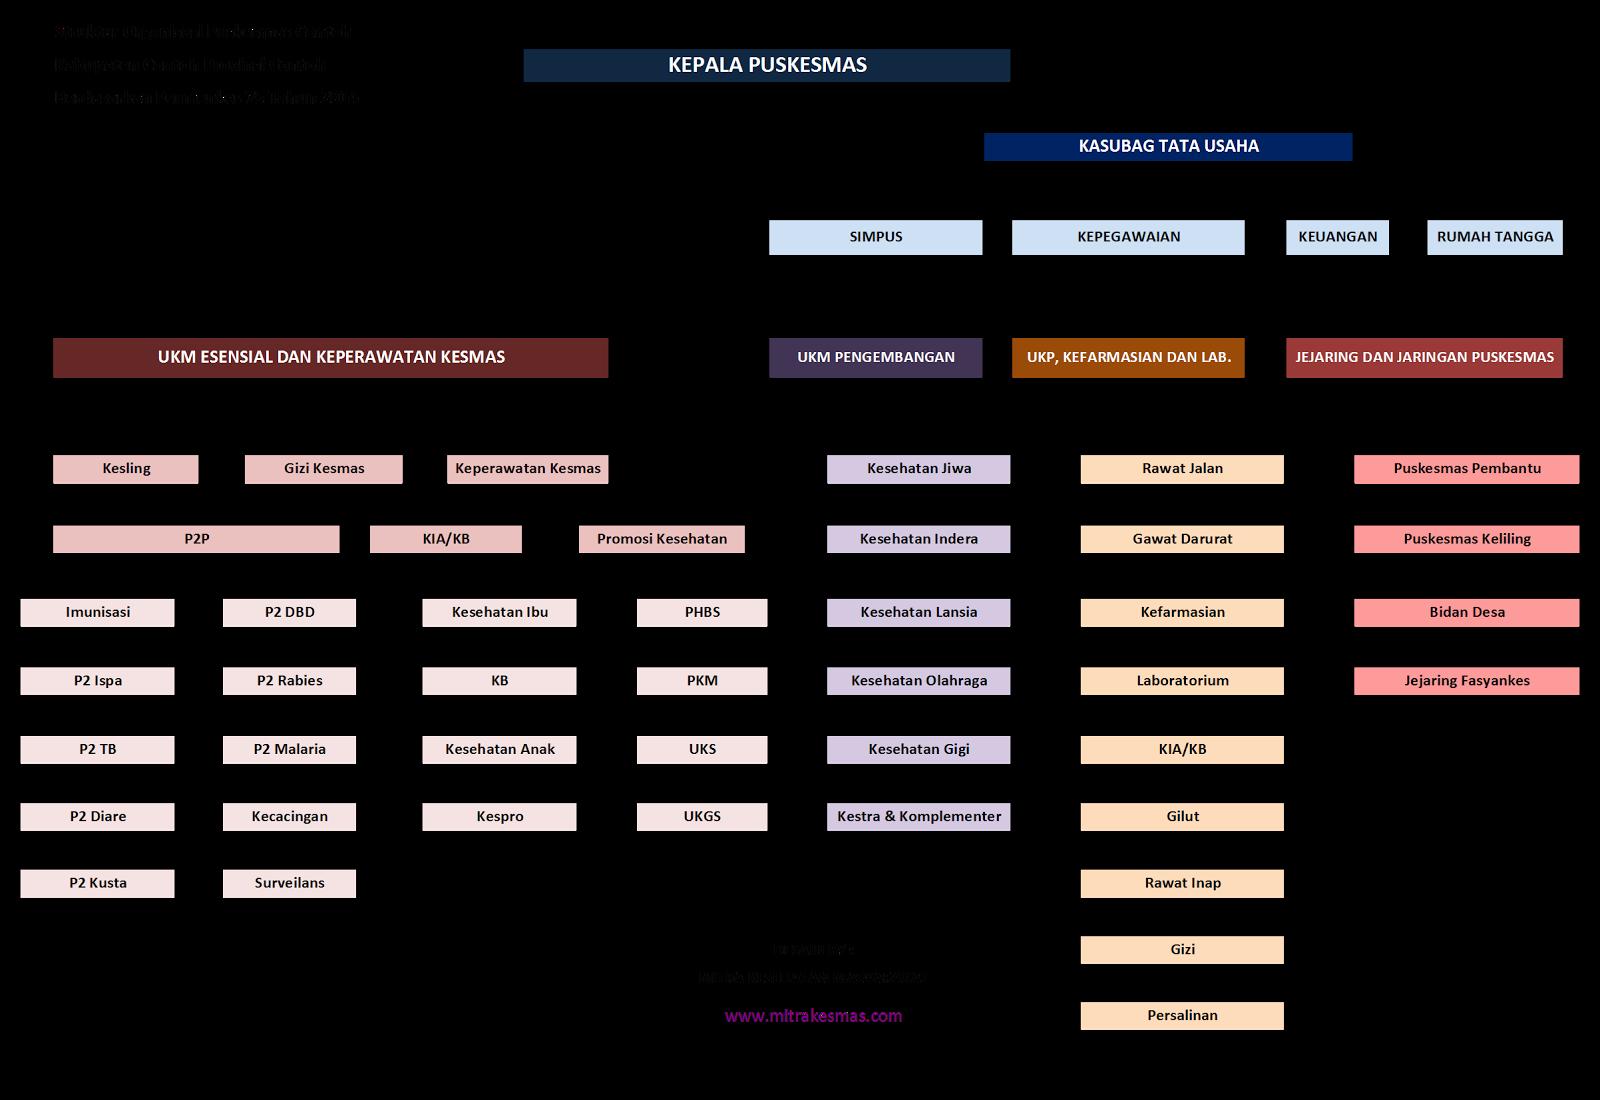 Struktur Organisasi Puskesmas Berdasarkan Permenkes 75 Tahun 2014